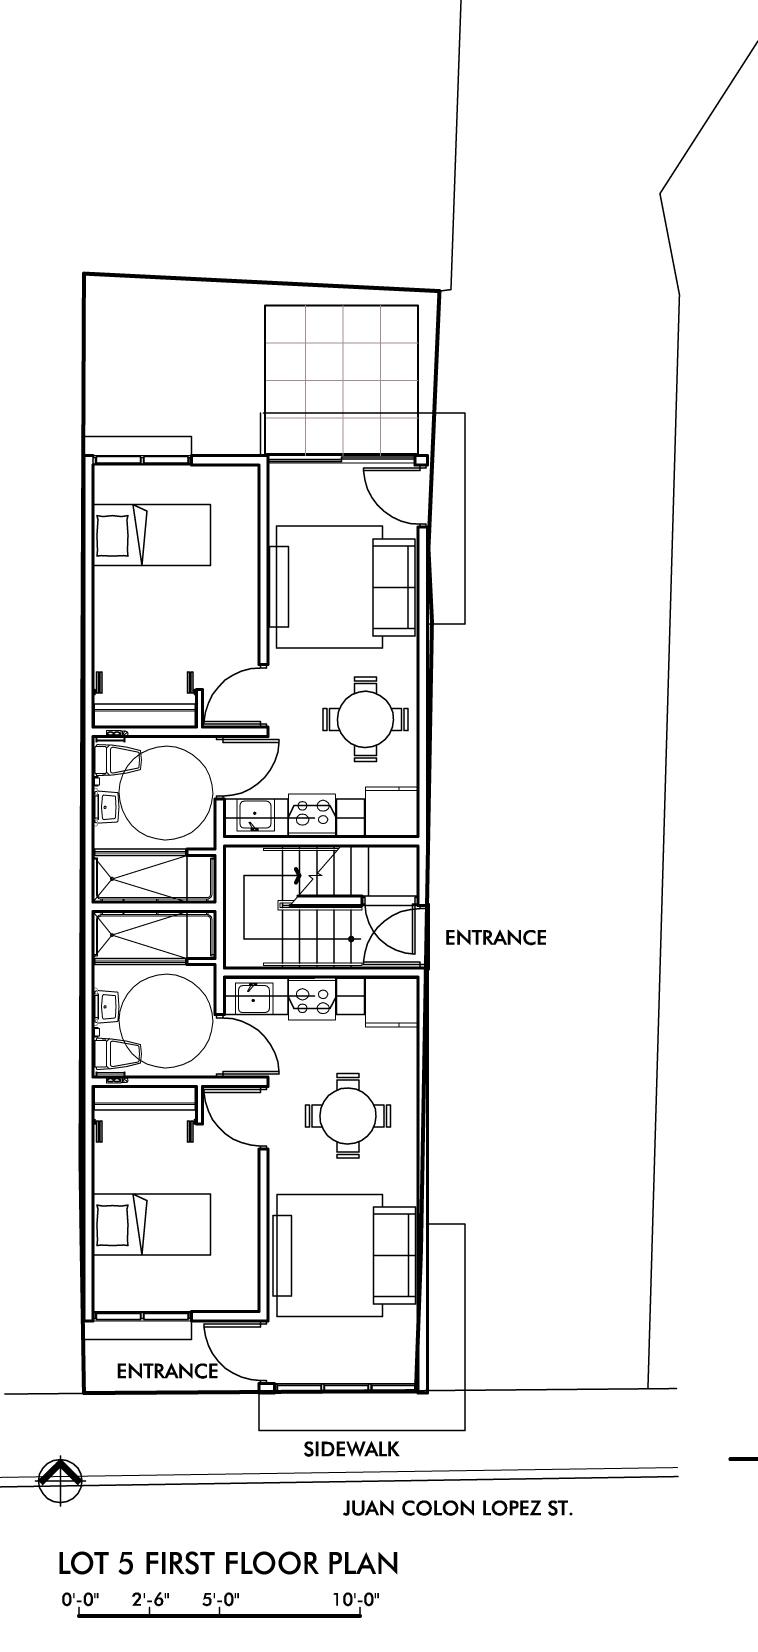 lote 5 first floor plan.jpg